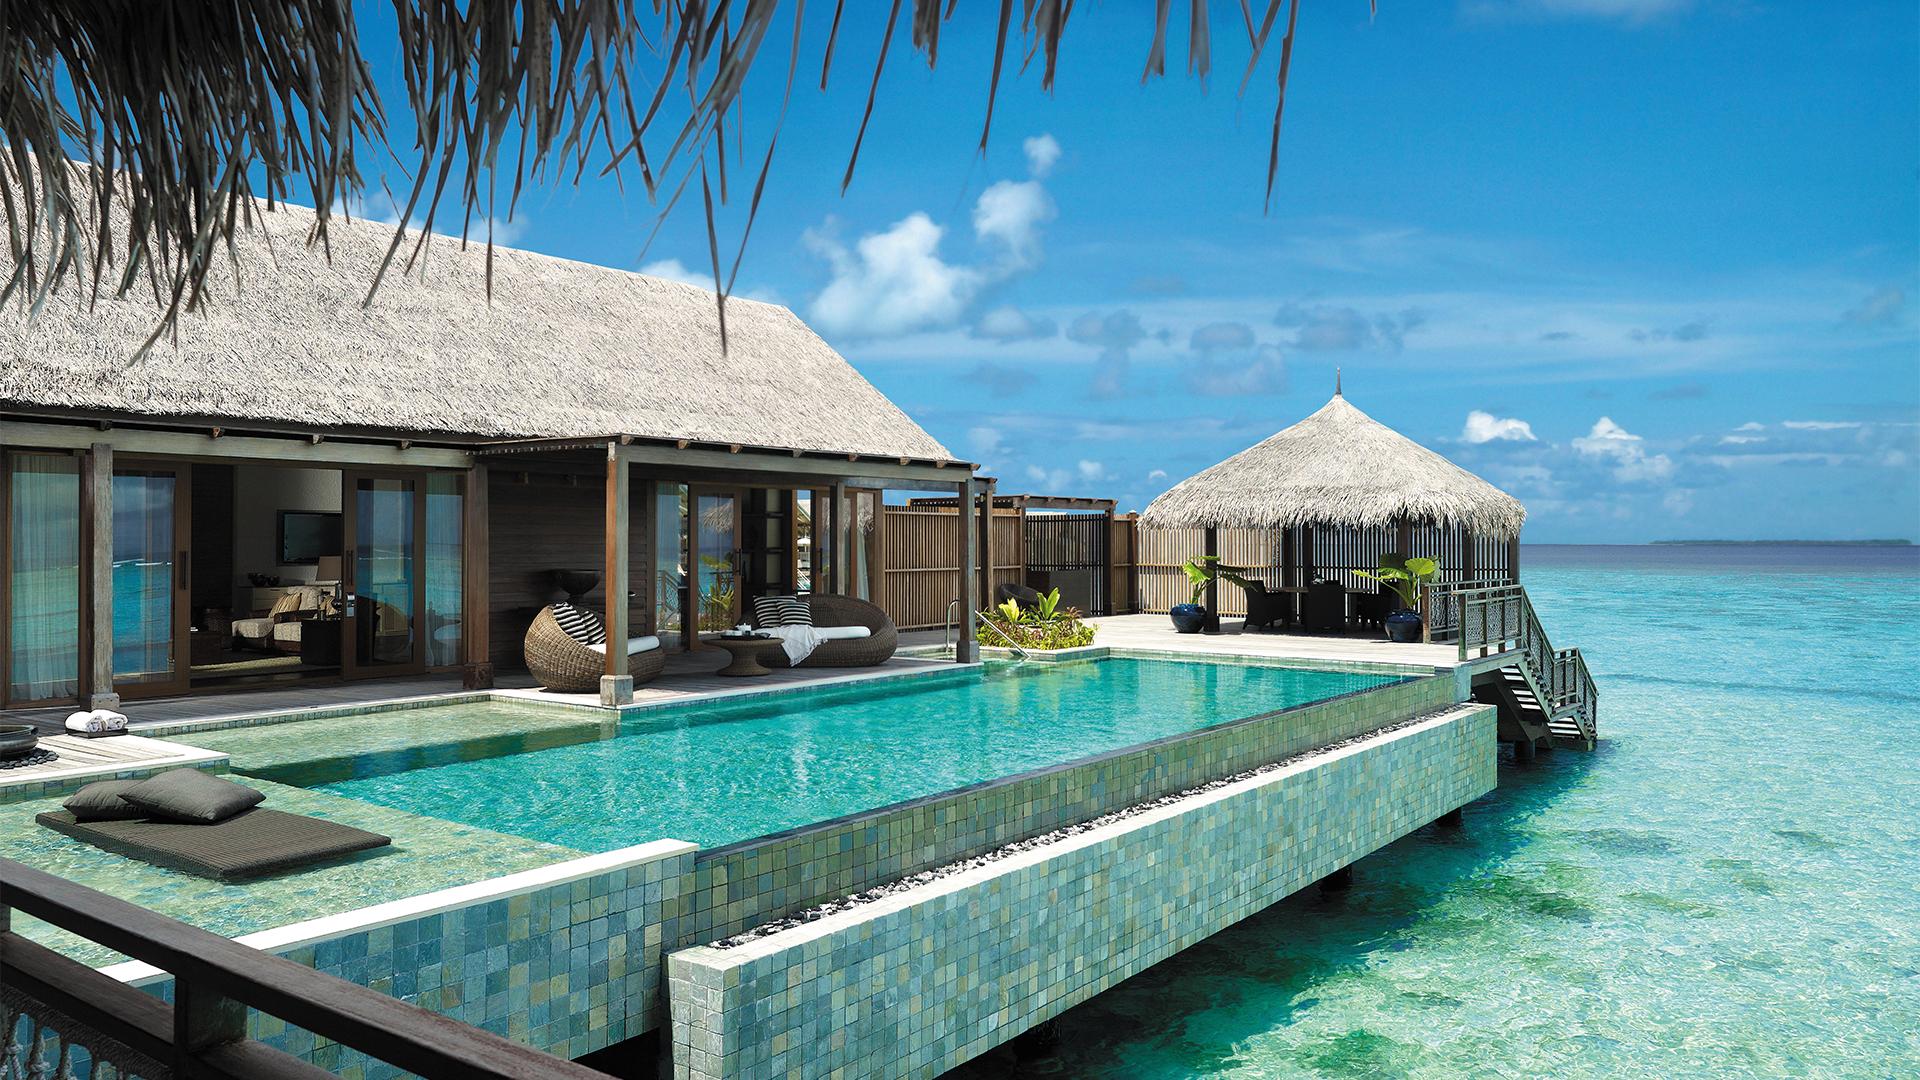 Shangri-La Maldives Bachelorette